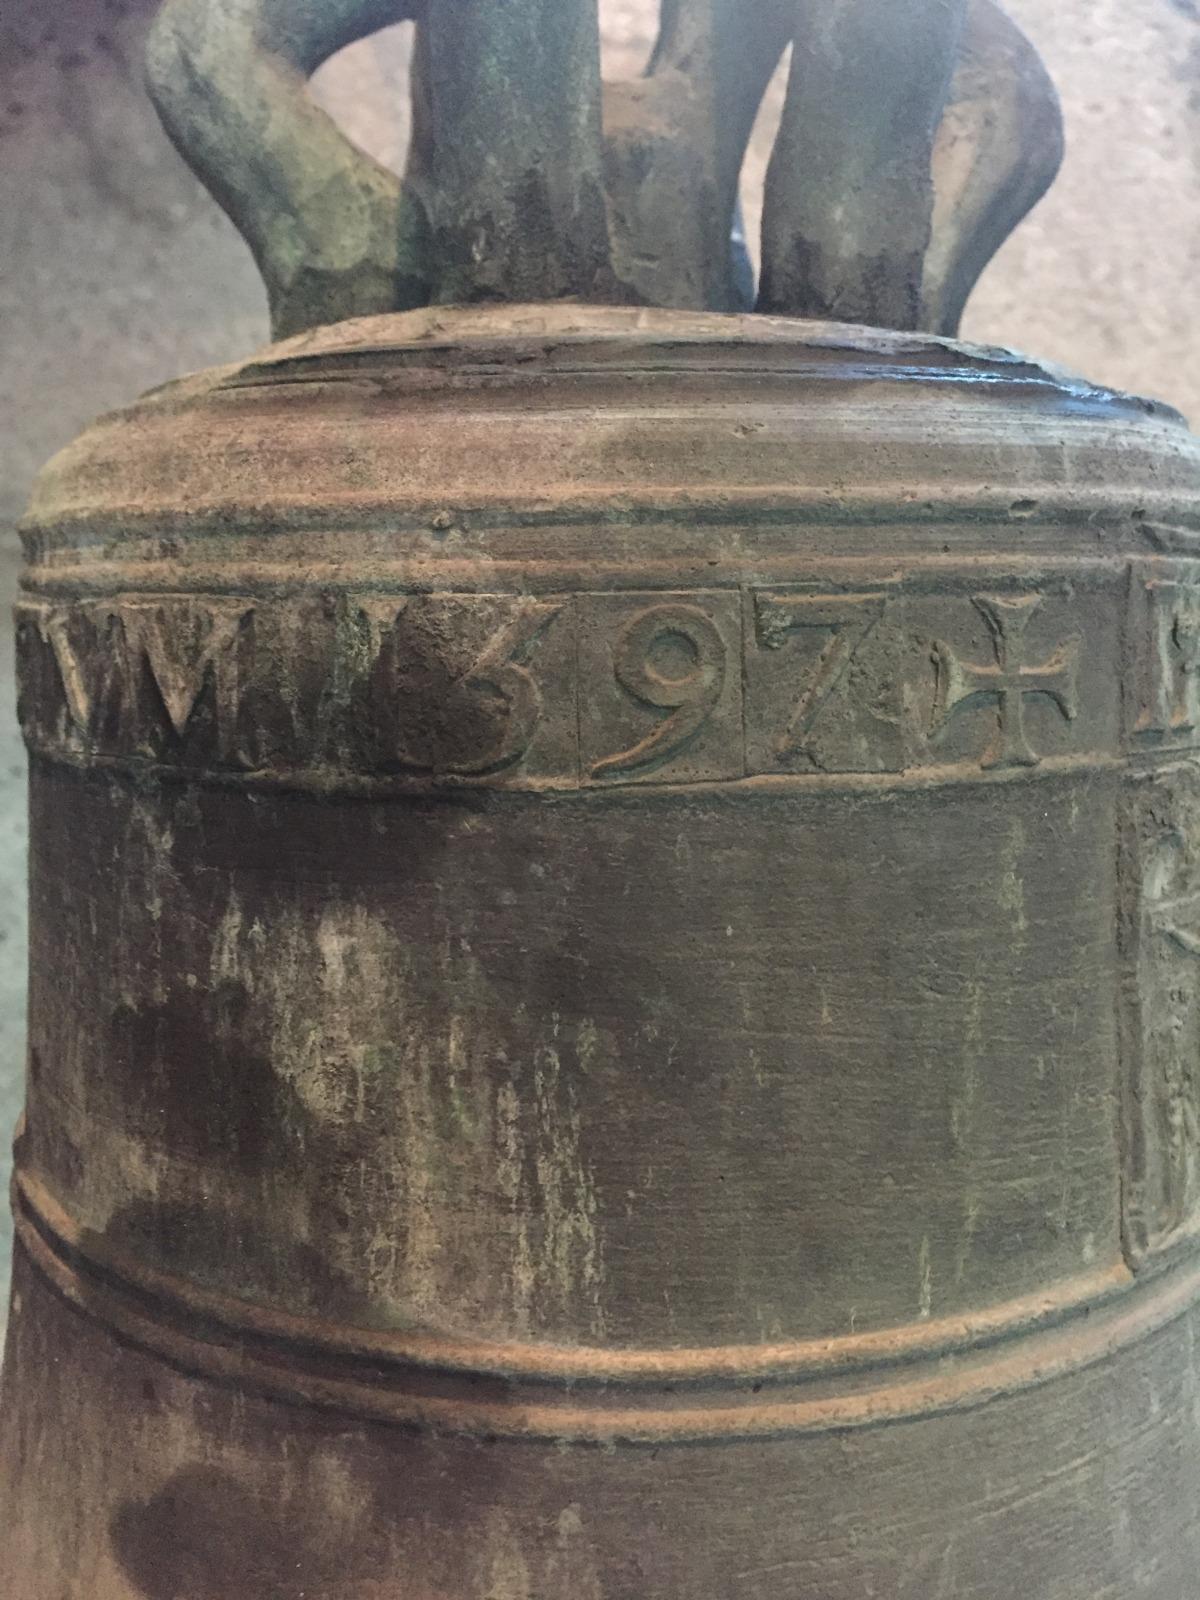 Detall de l'any, 1597, en què va ser fosa la 'Jesús i Maria', per un campaner de qui desconeixem el nom i probablement 'in situ'.